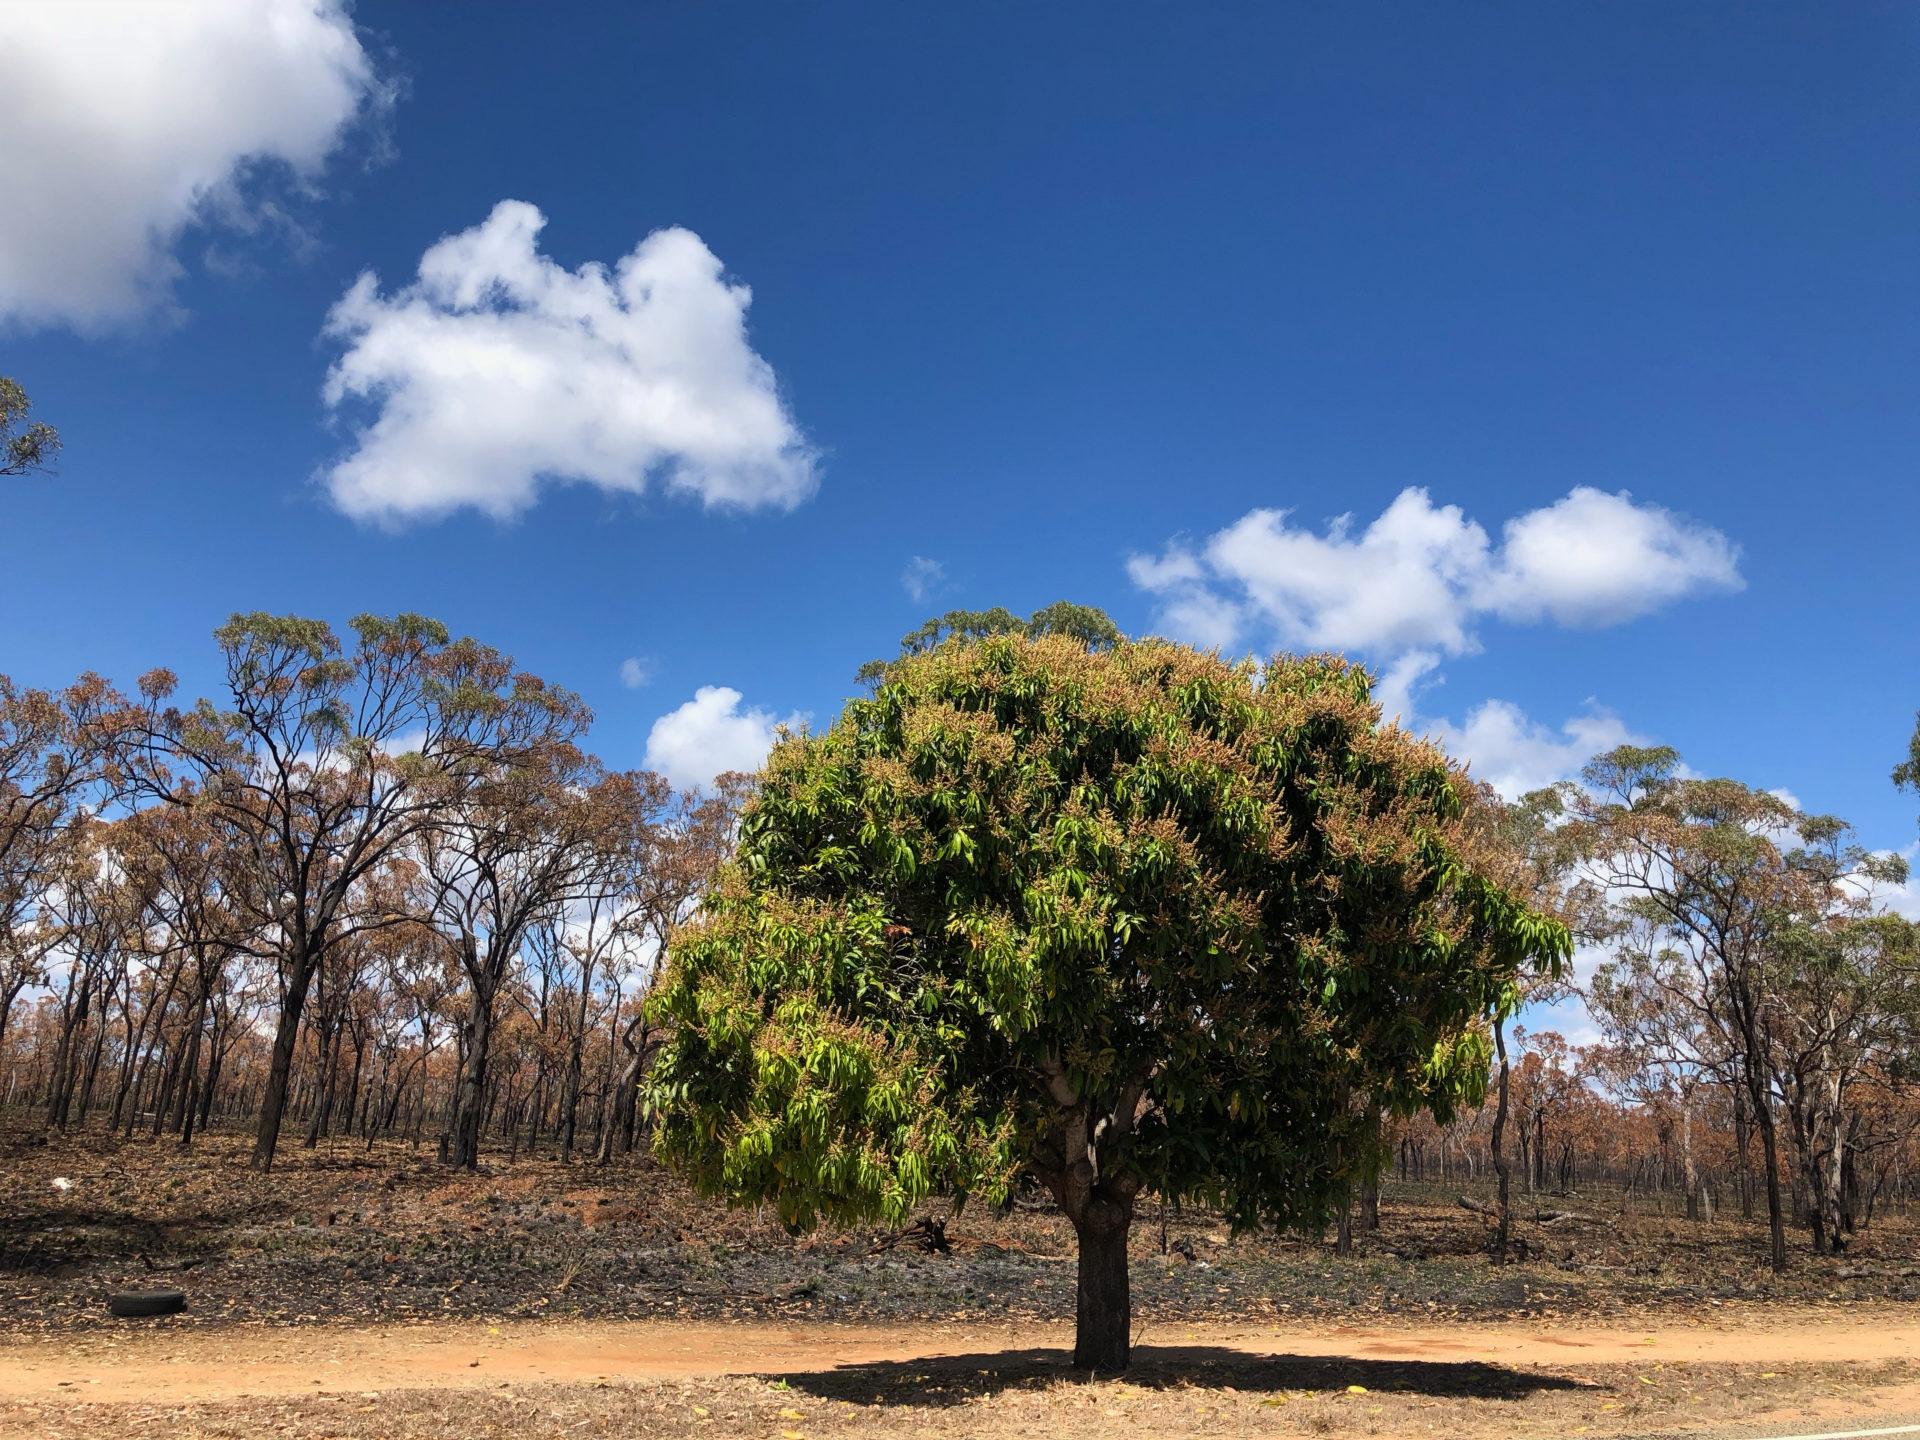 Mangobaum vor Buschland in Queensland